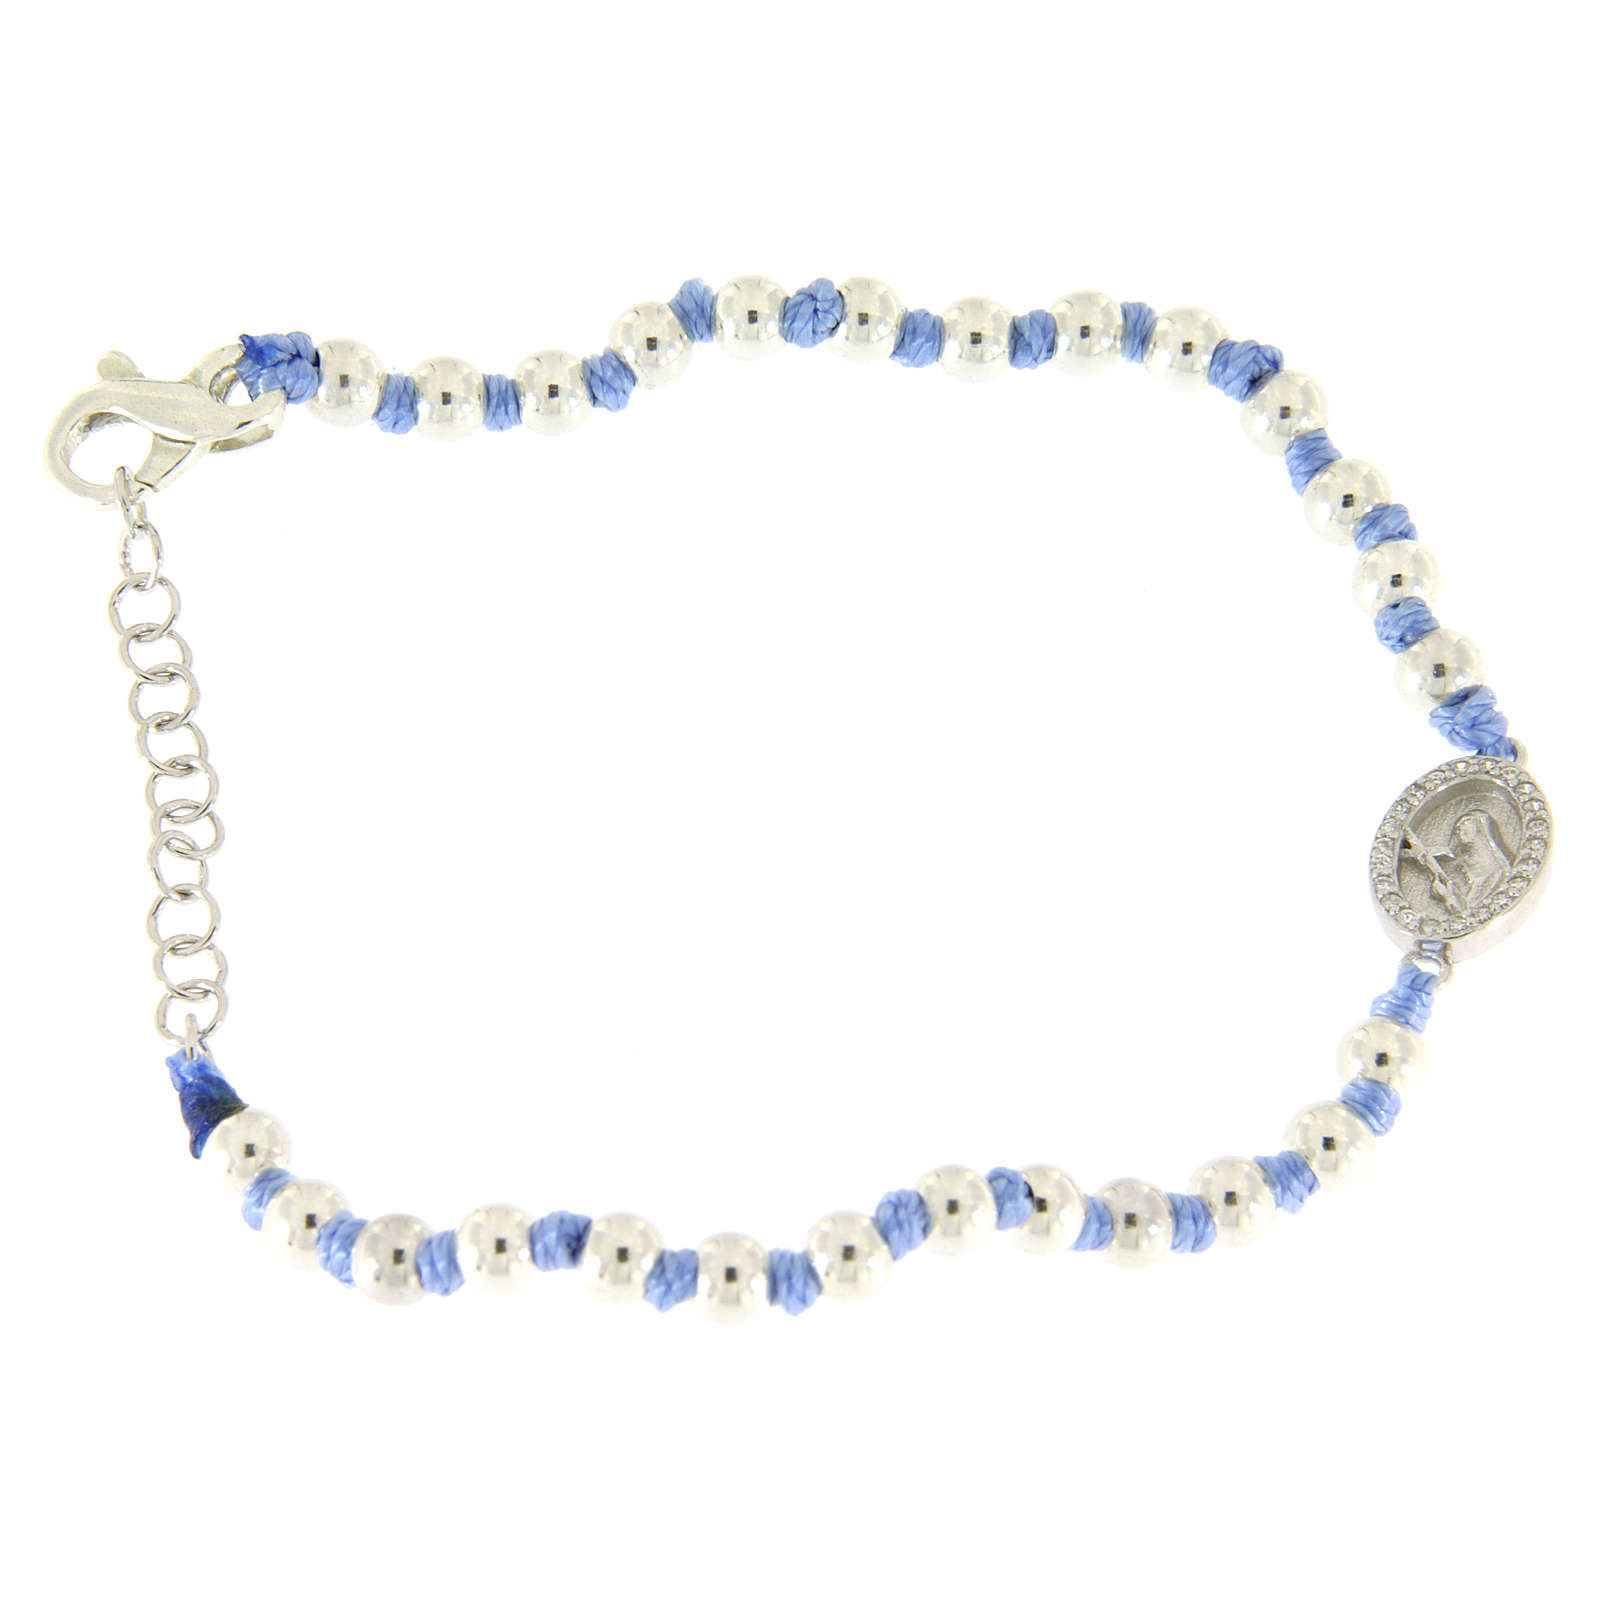 Pulseira com fio e nós azuis contas 3 mm e cruz prata zircões brancos 4